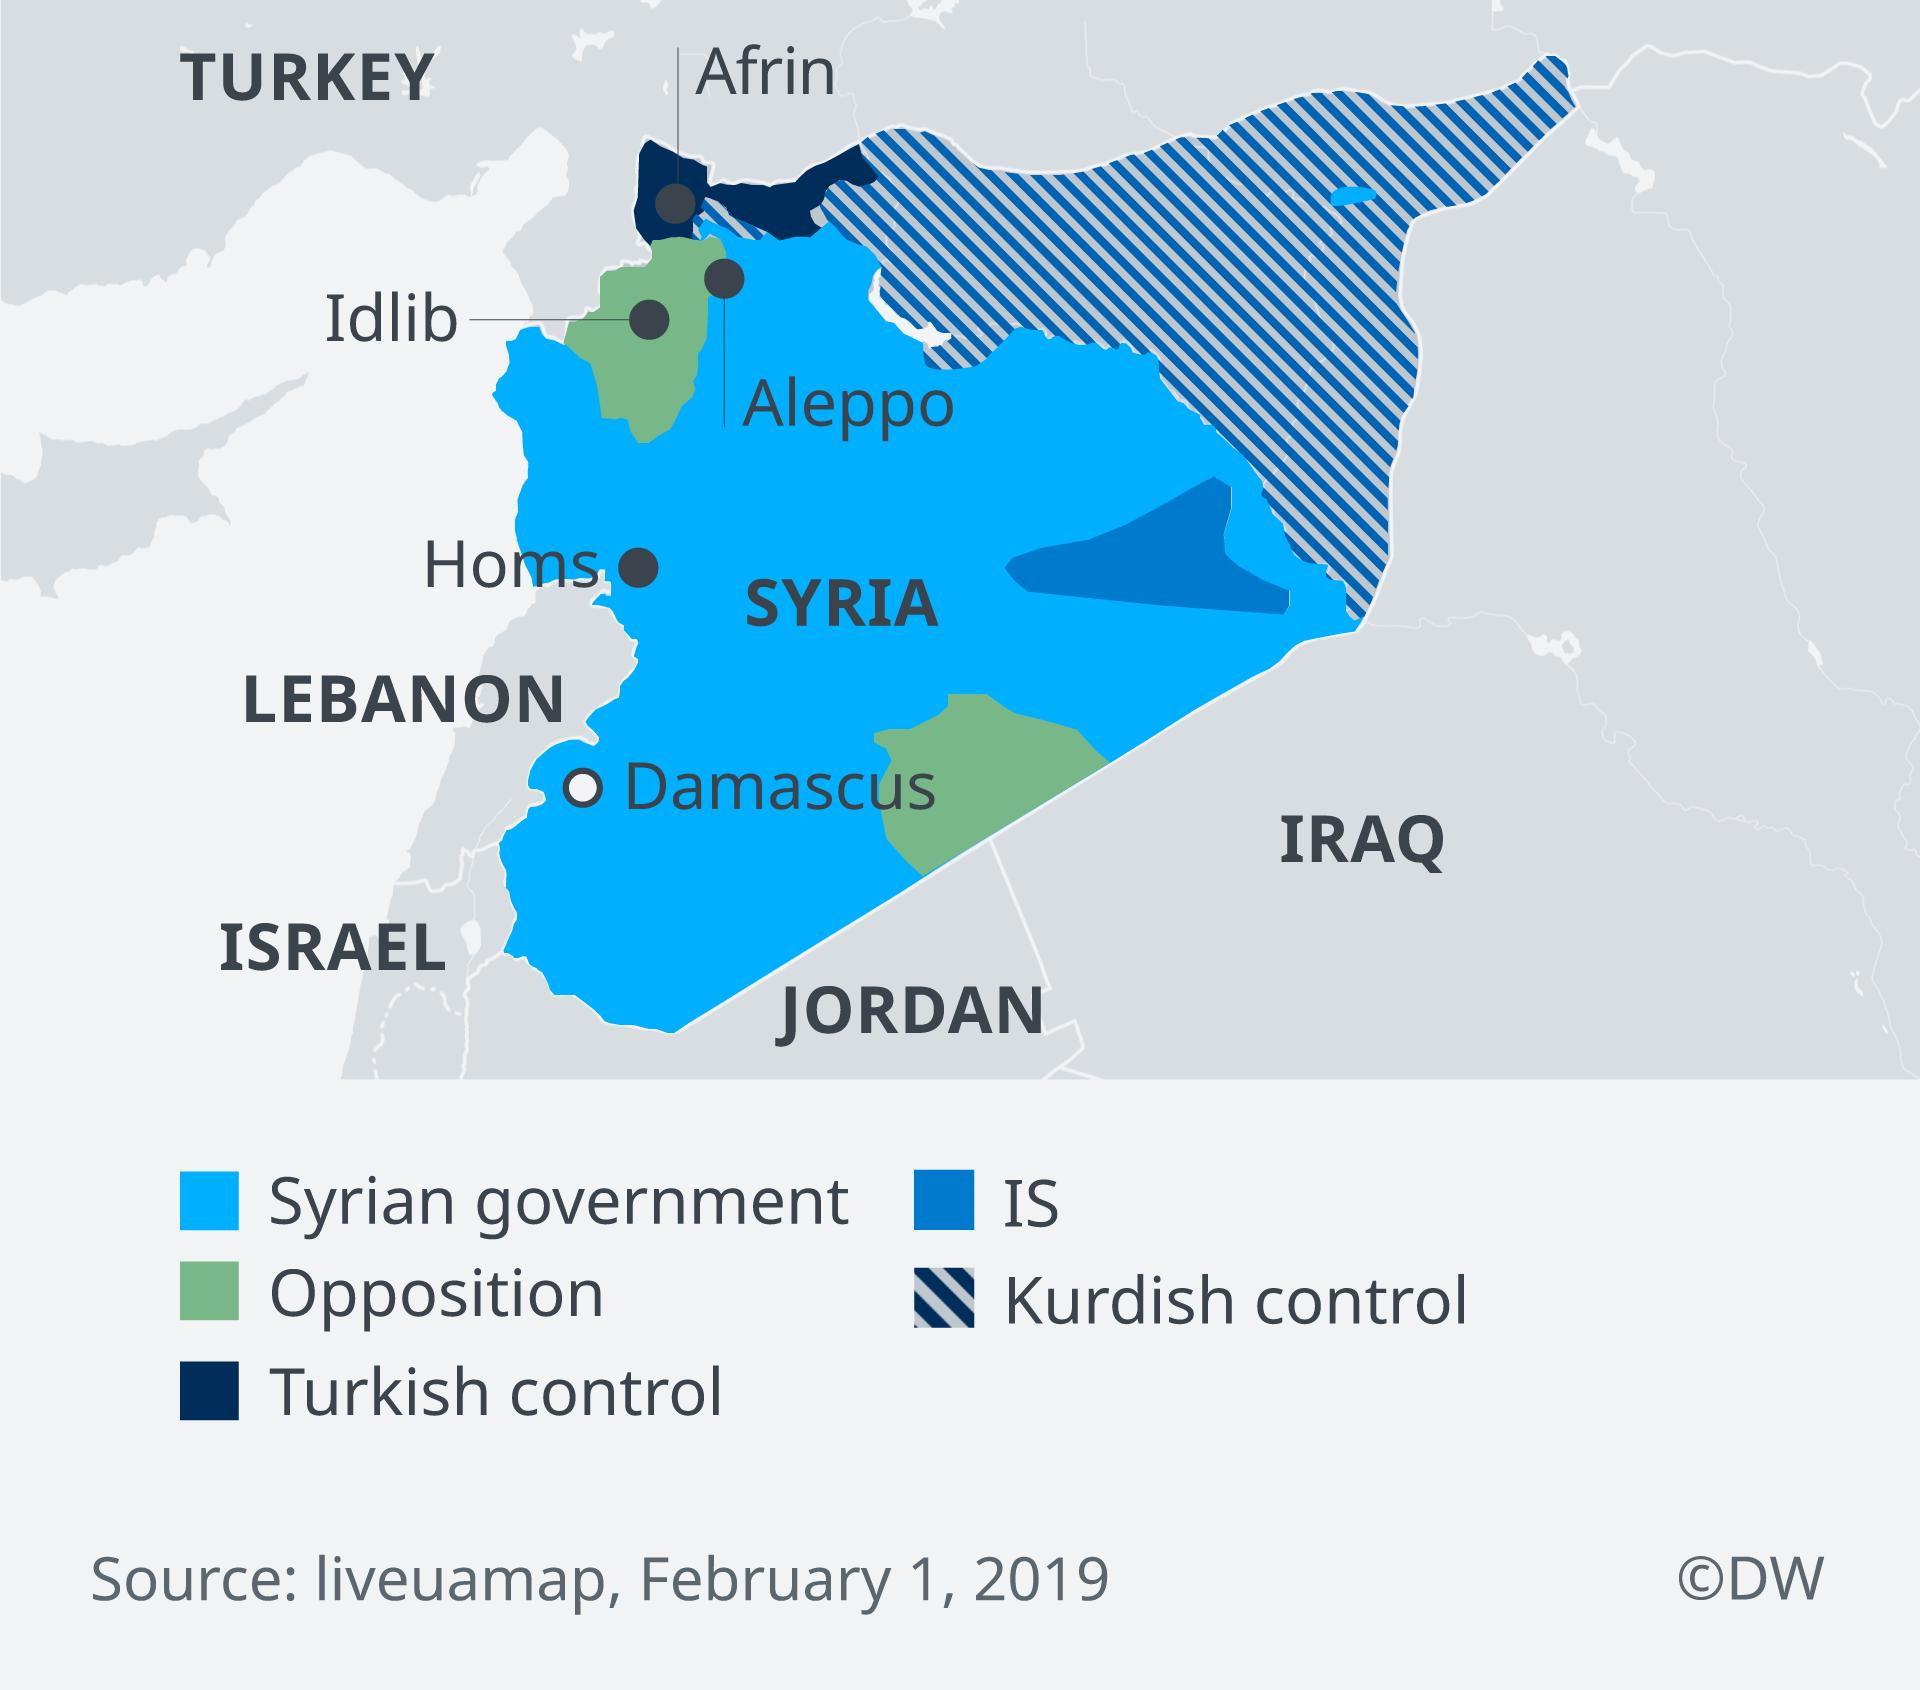 Pembagian wilayah kekuasaan antara pemerintah Suriah, Turki, tentara pemberontak, Kurdi dan kelompok teror Islamic State.